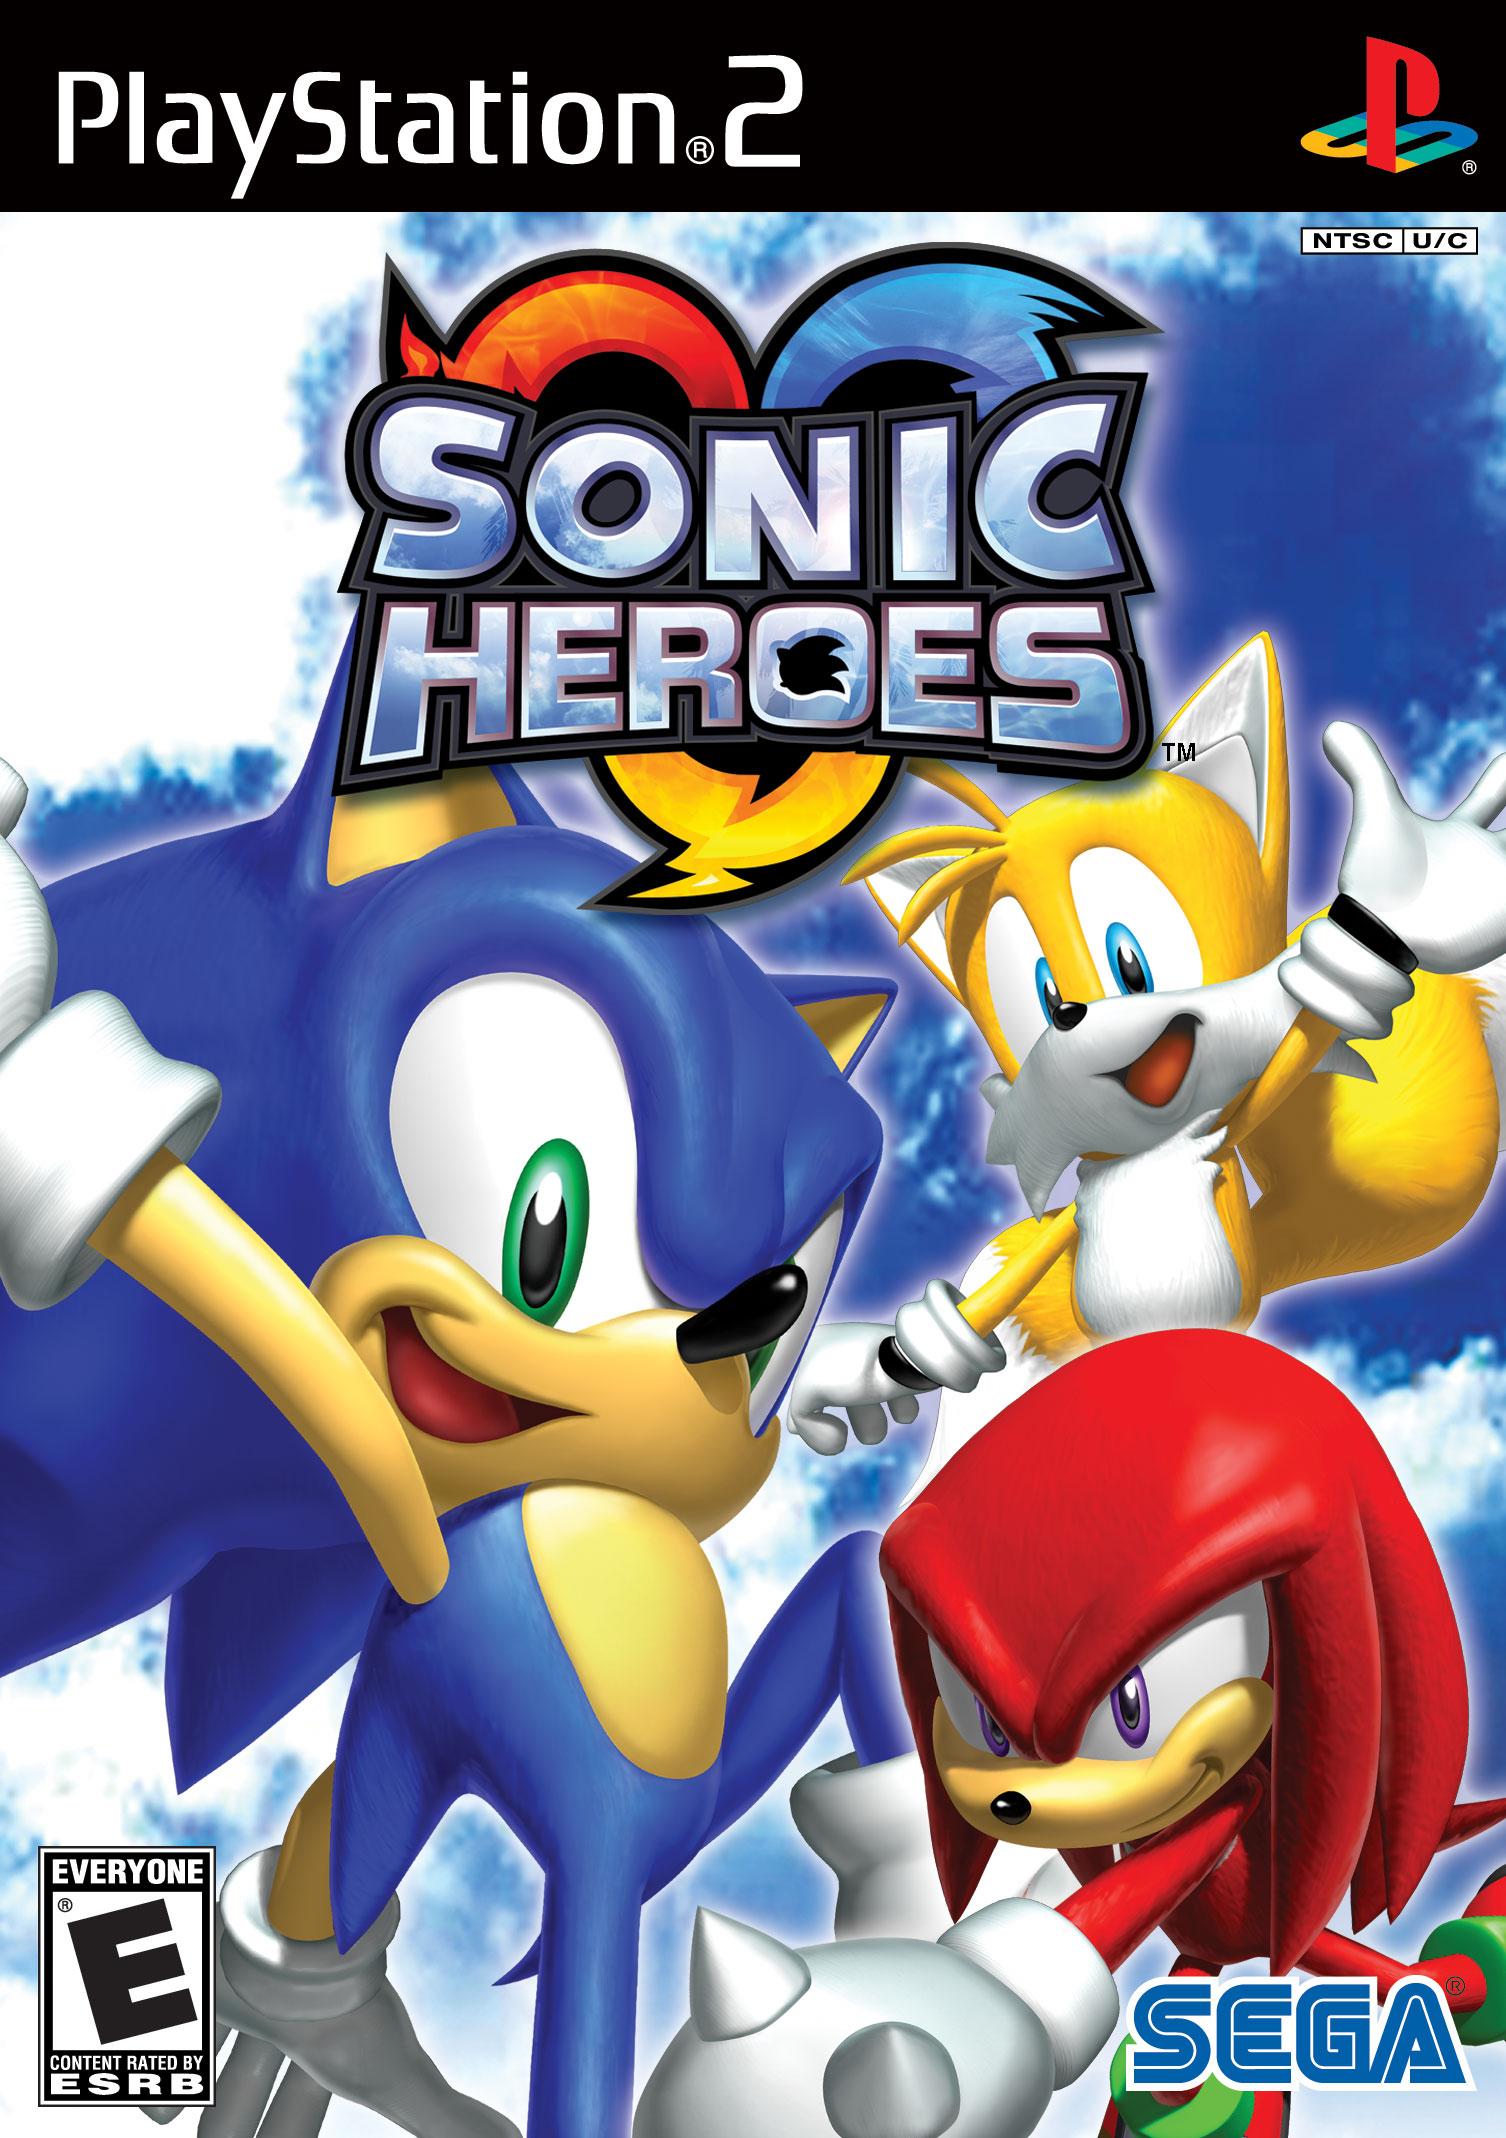 Sonic Heroes Sonic_Heroes_(PS2)